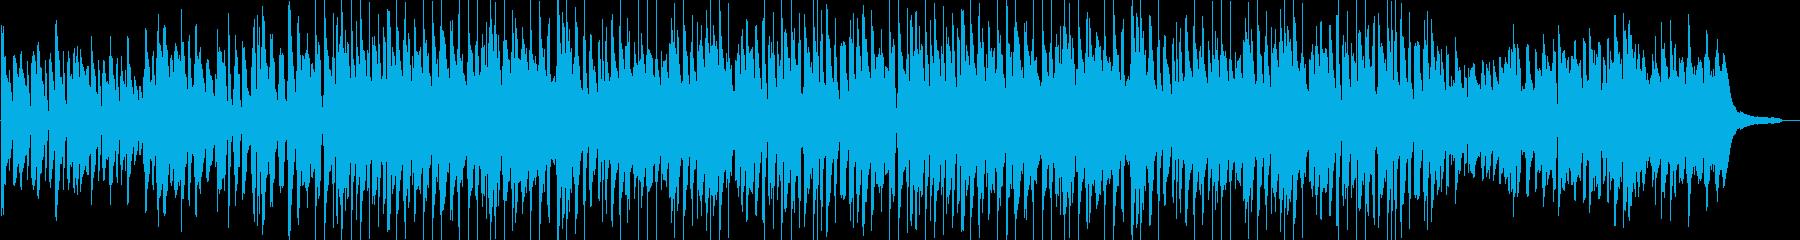 ウキウキ・スウィング調・映像・イベント用の再生済みの波形